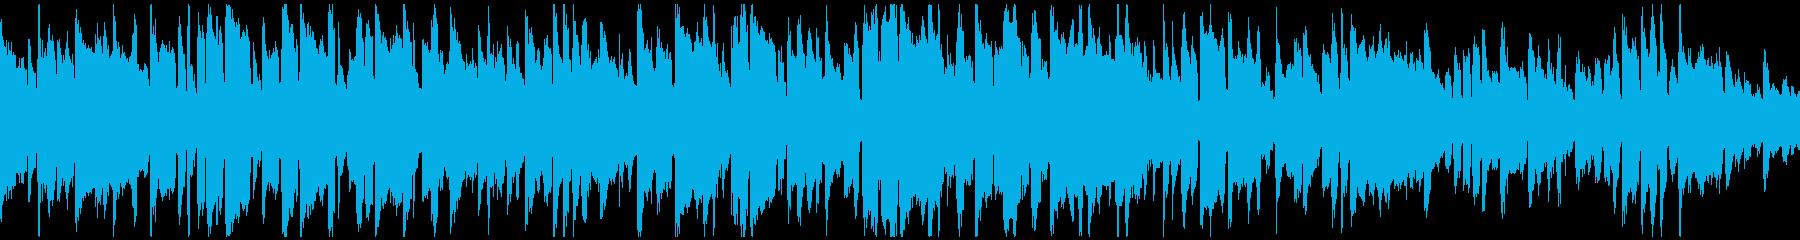 メランコリックでアンニュイな曲※ループ版の再生済みの波形